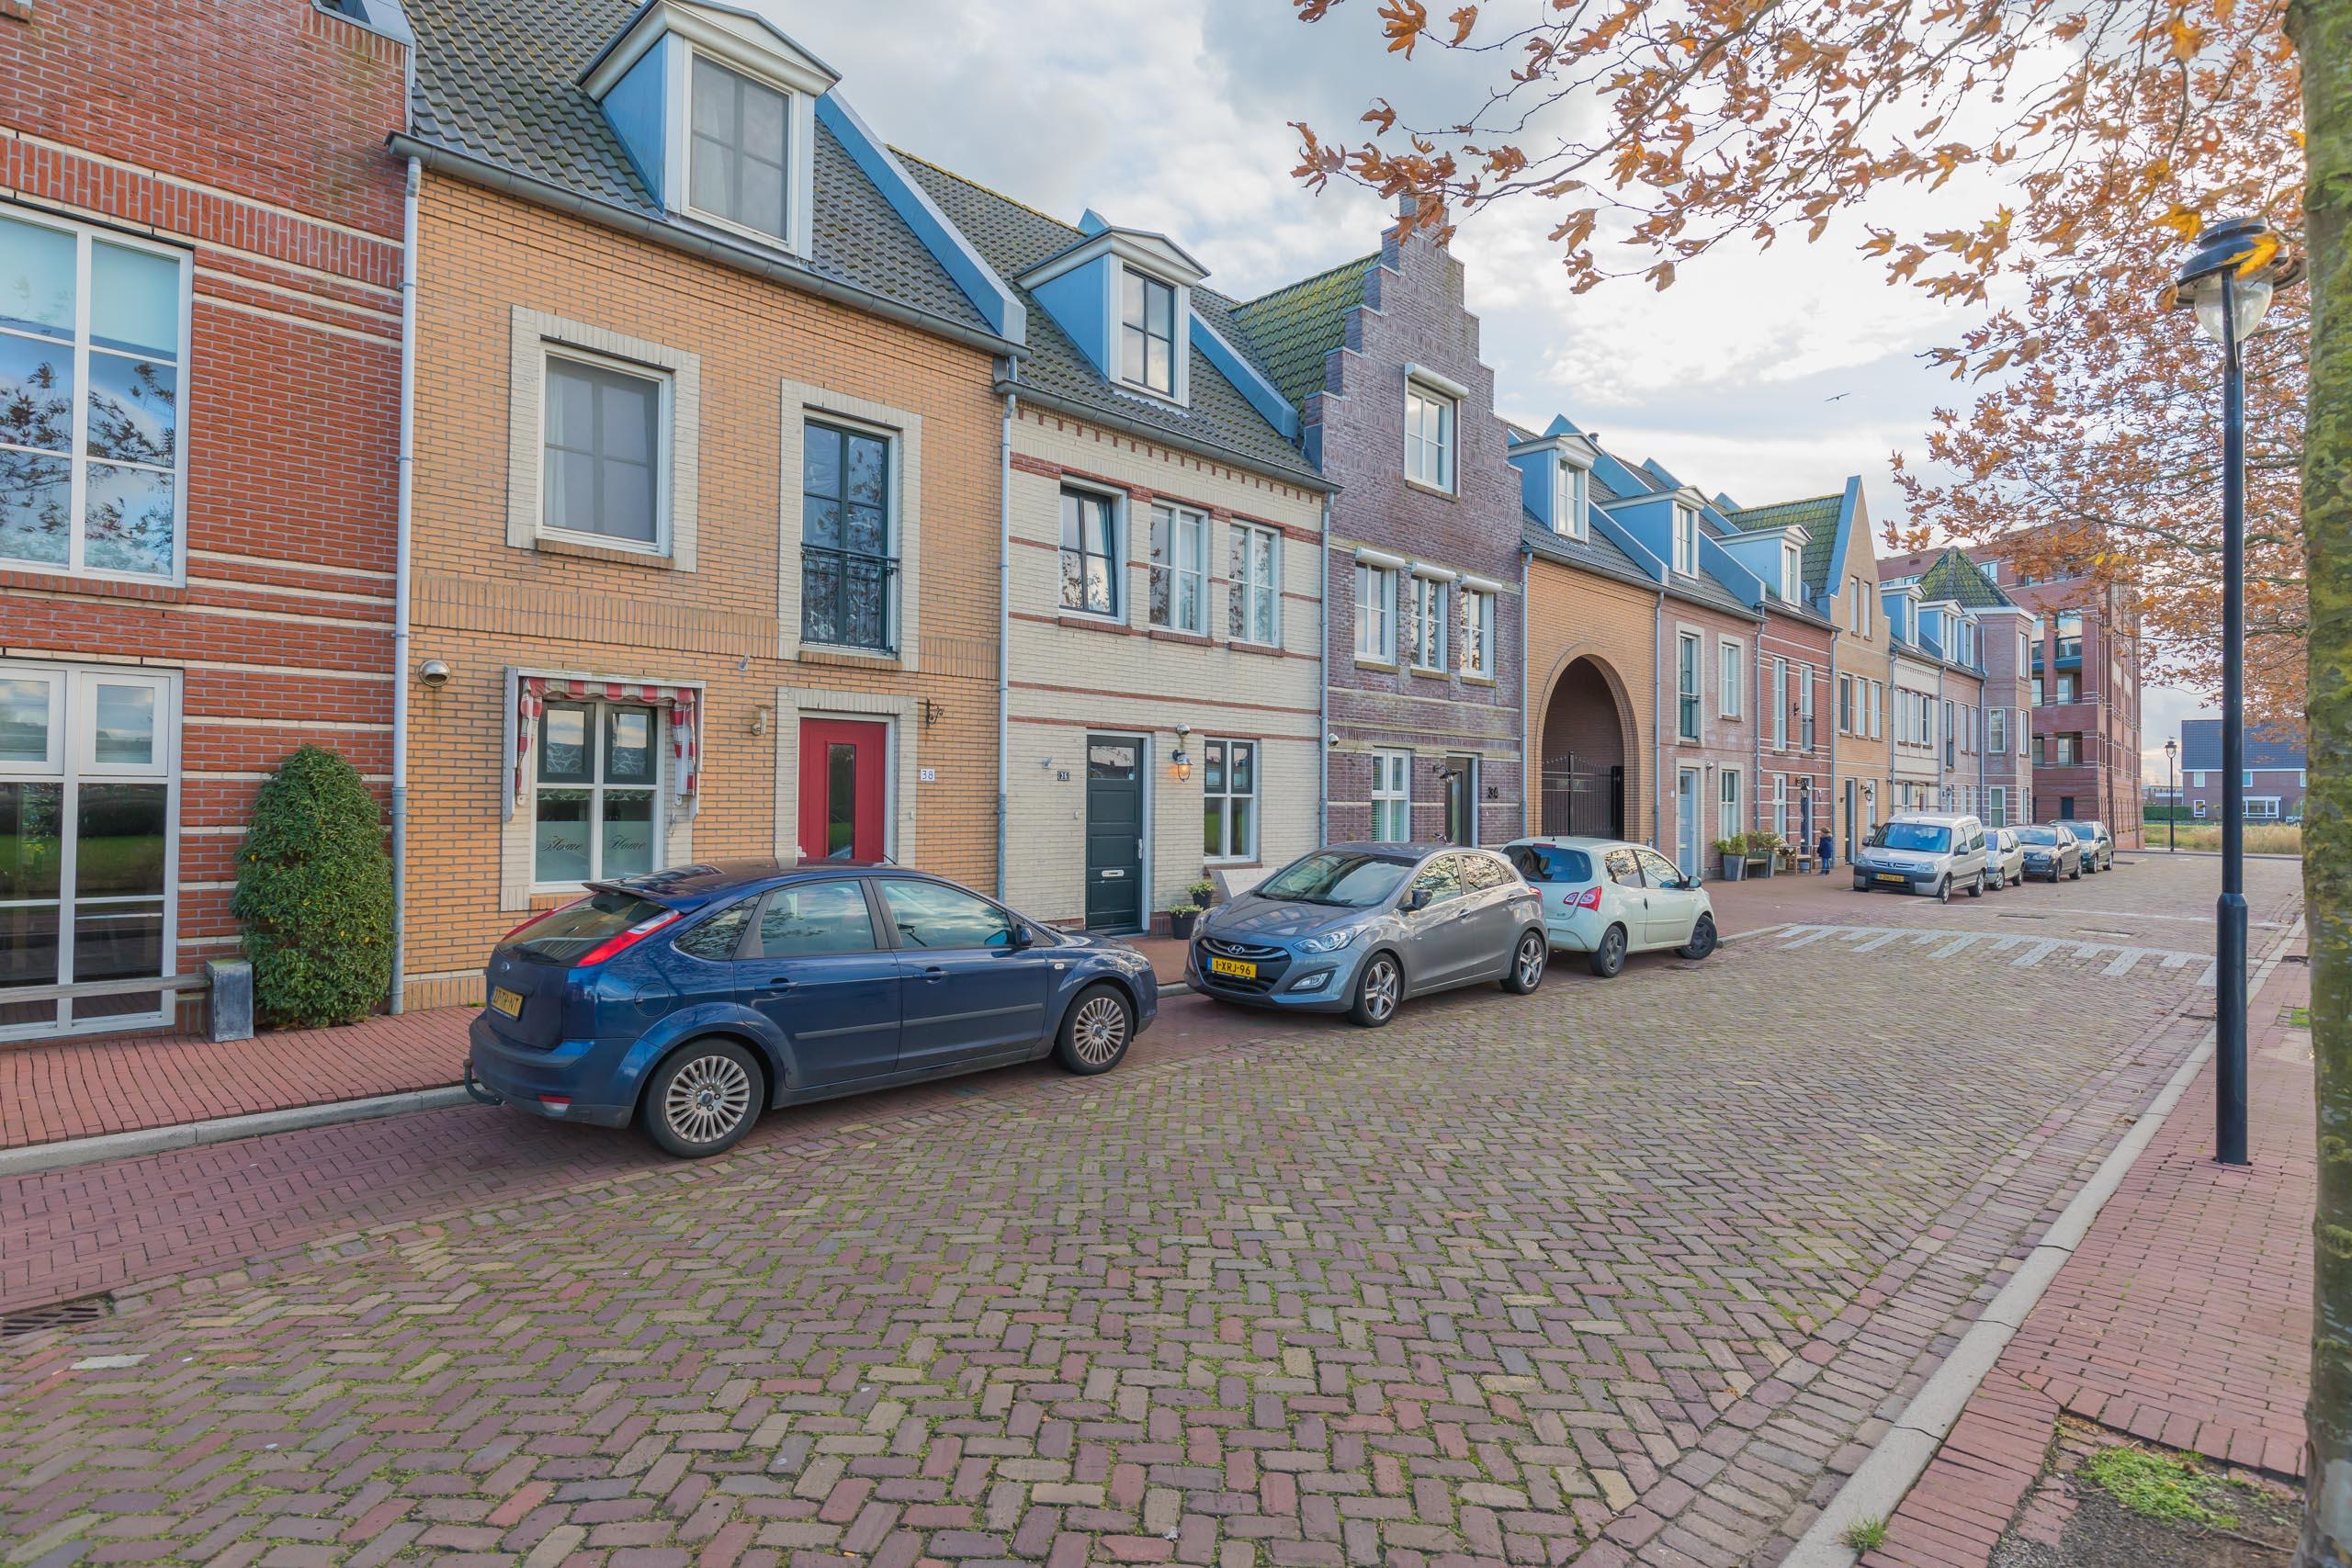 Steenhouwerskwartier, Heemskerk